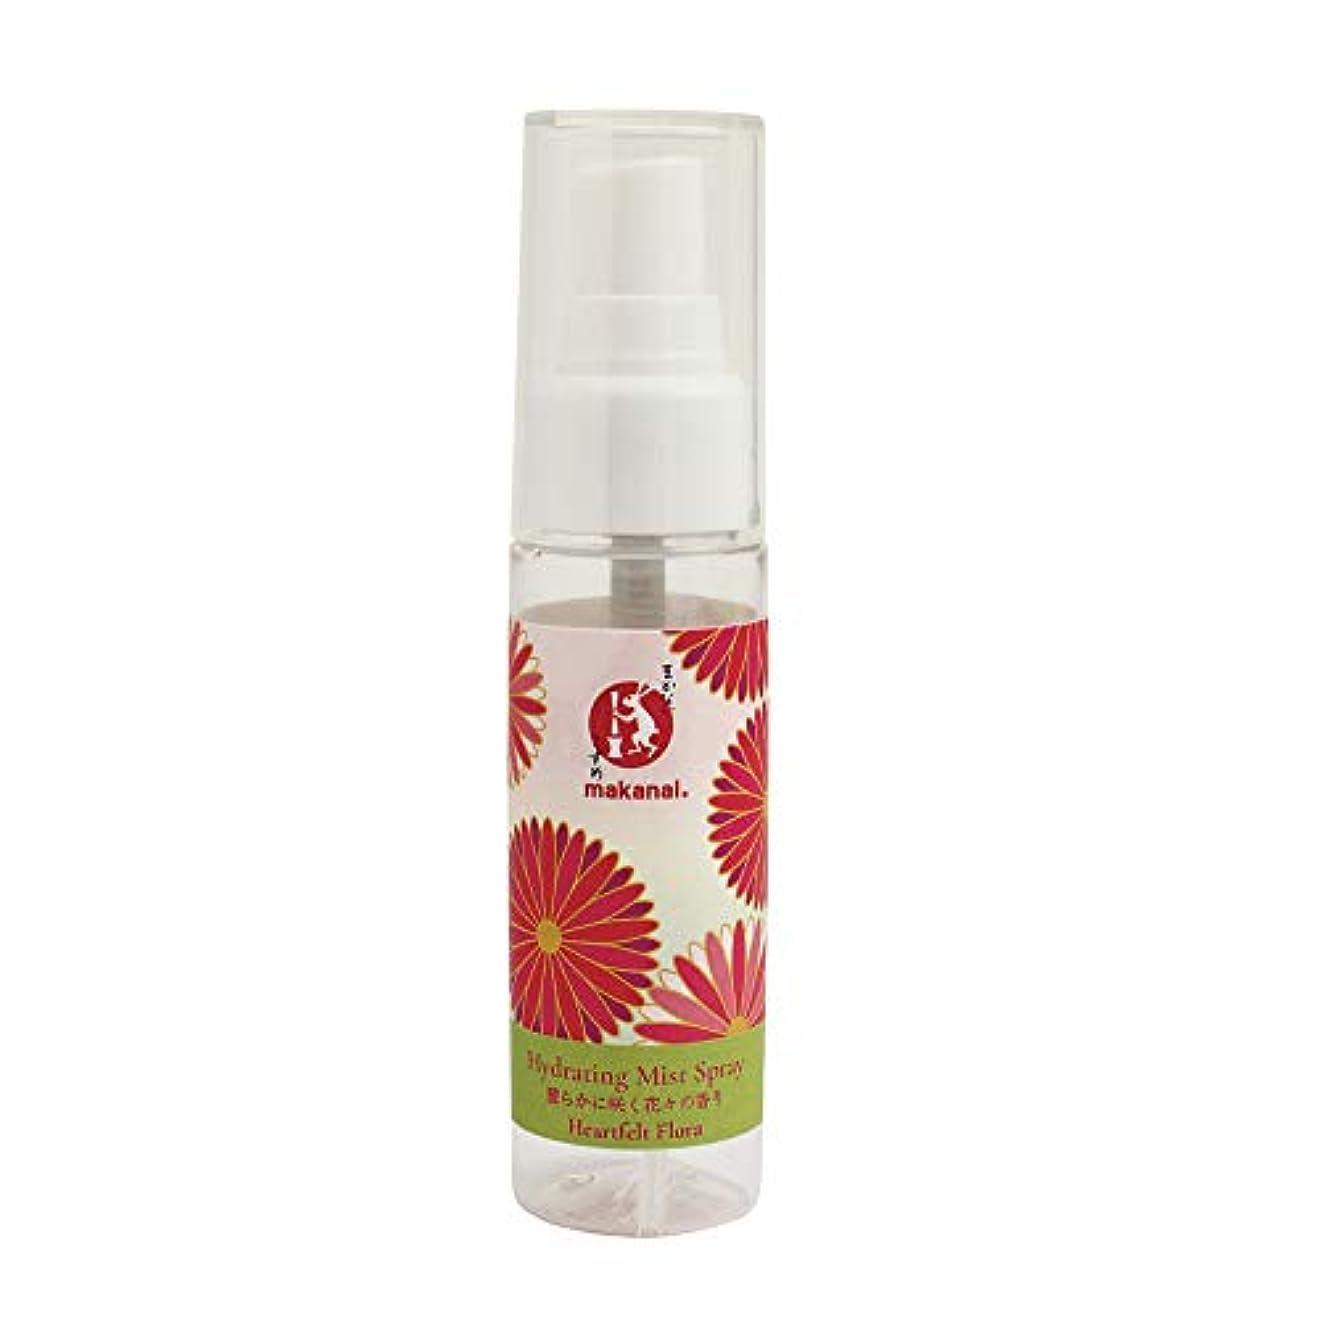 軸縞模様の覗くまかないこすめ もっとうるおいたい日の保湿スプレー(麗らかに咲く花々の香り) 50ml 化粧水